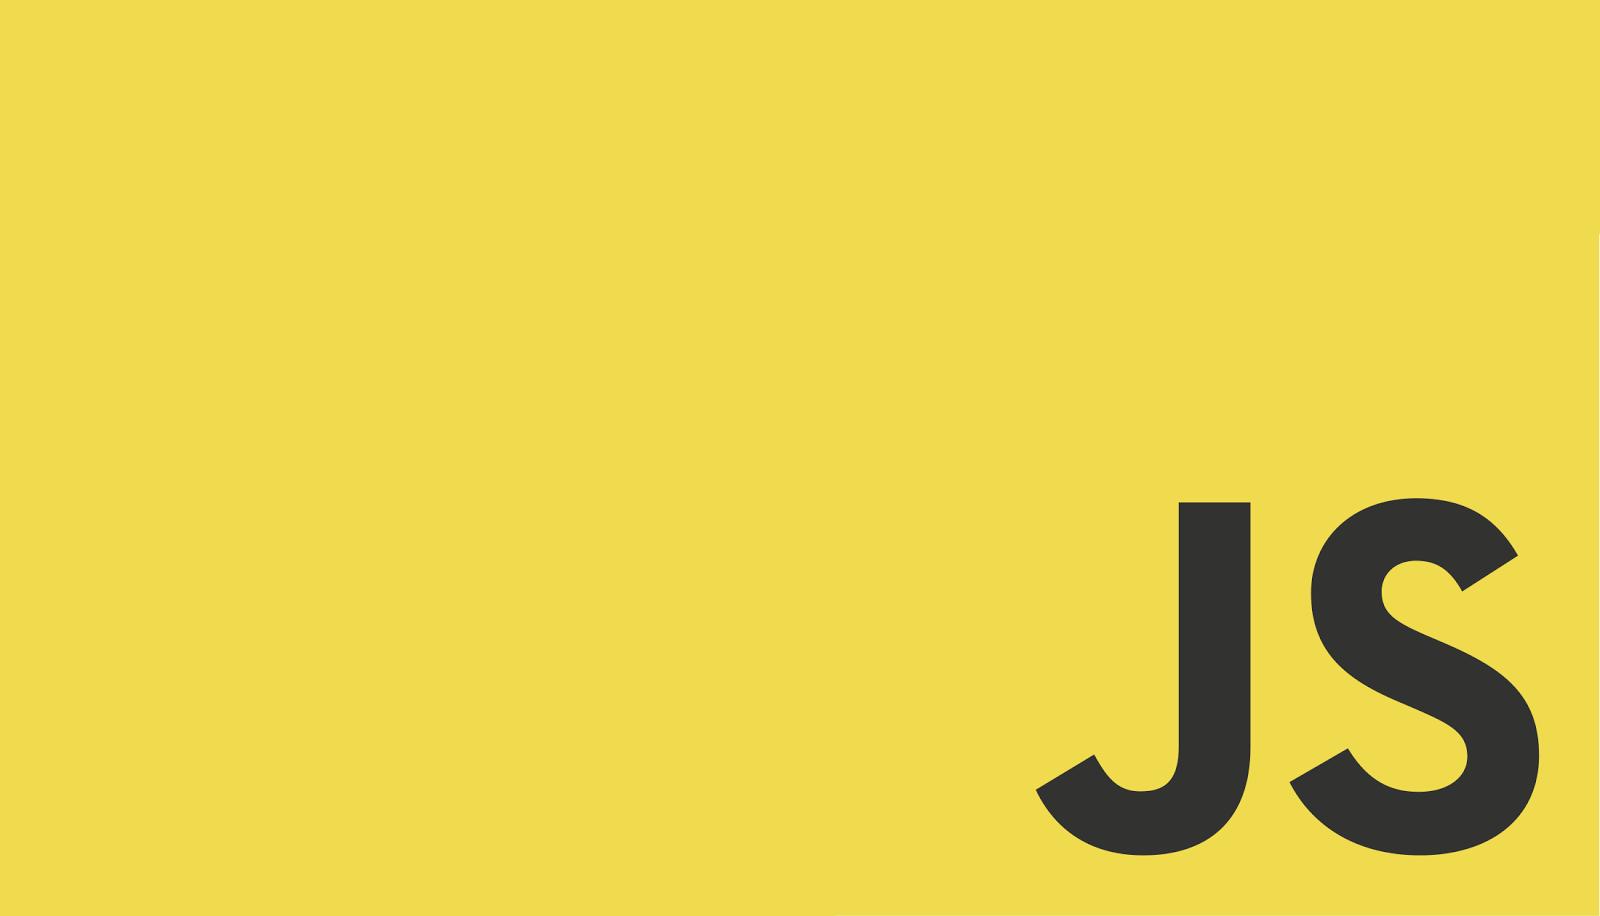 Javascript Weekly #10